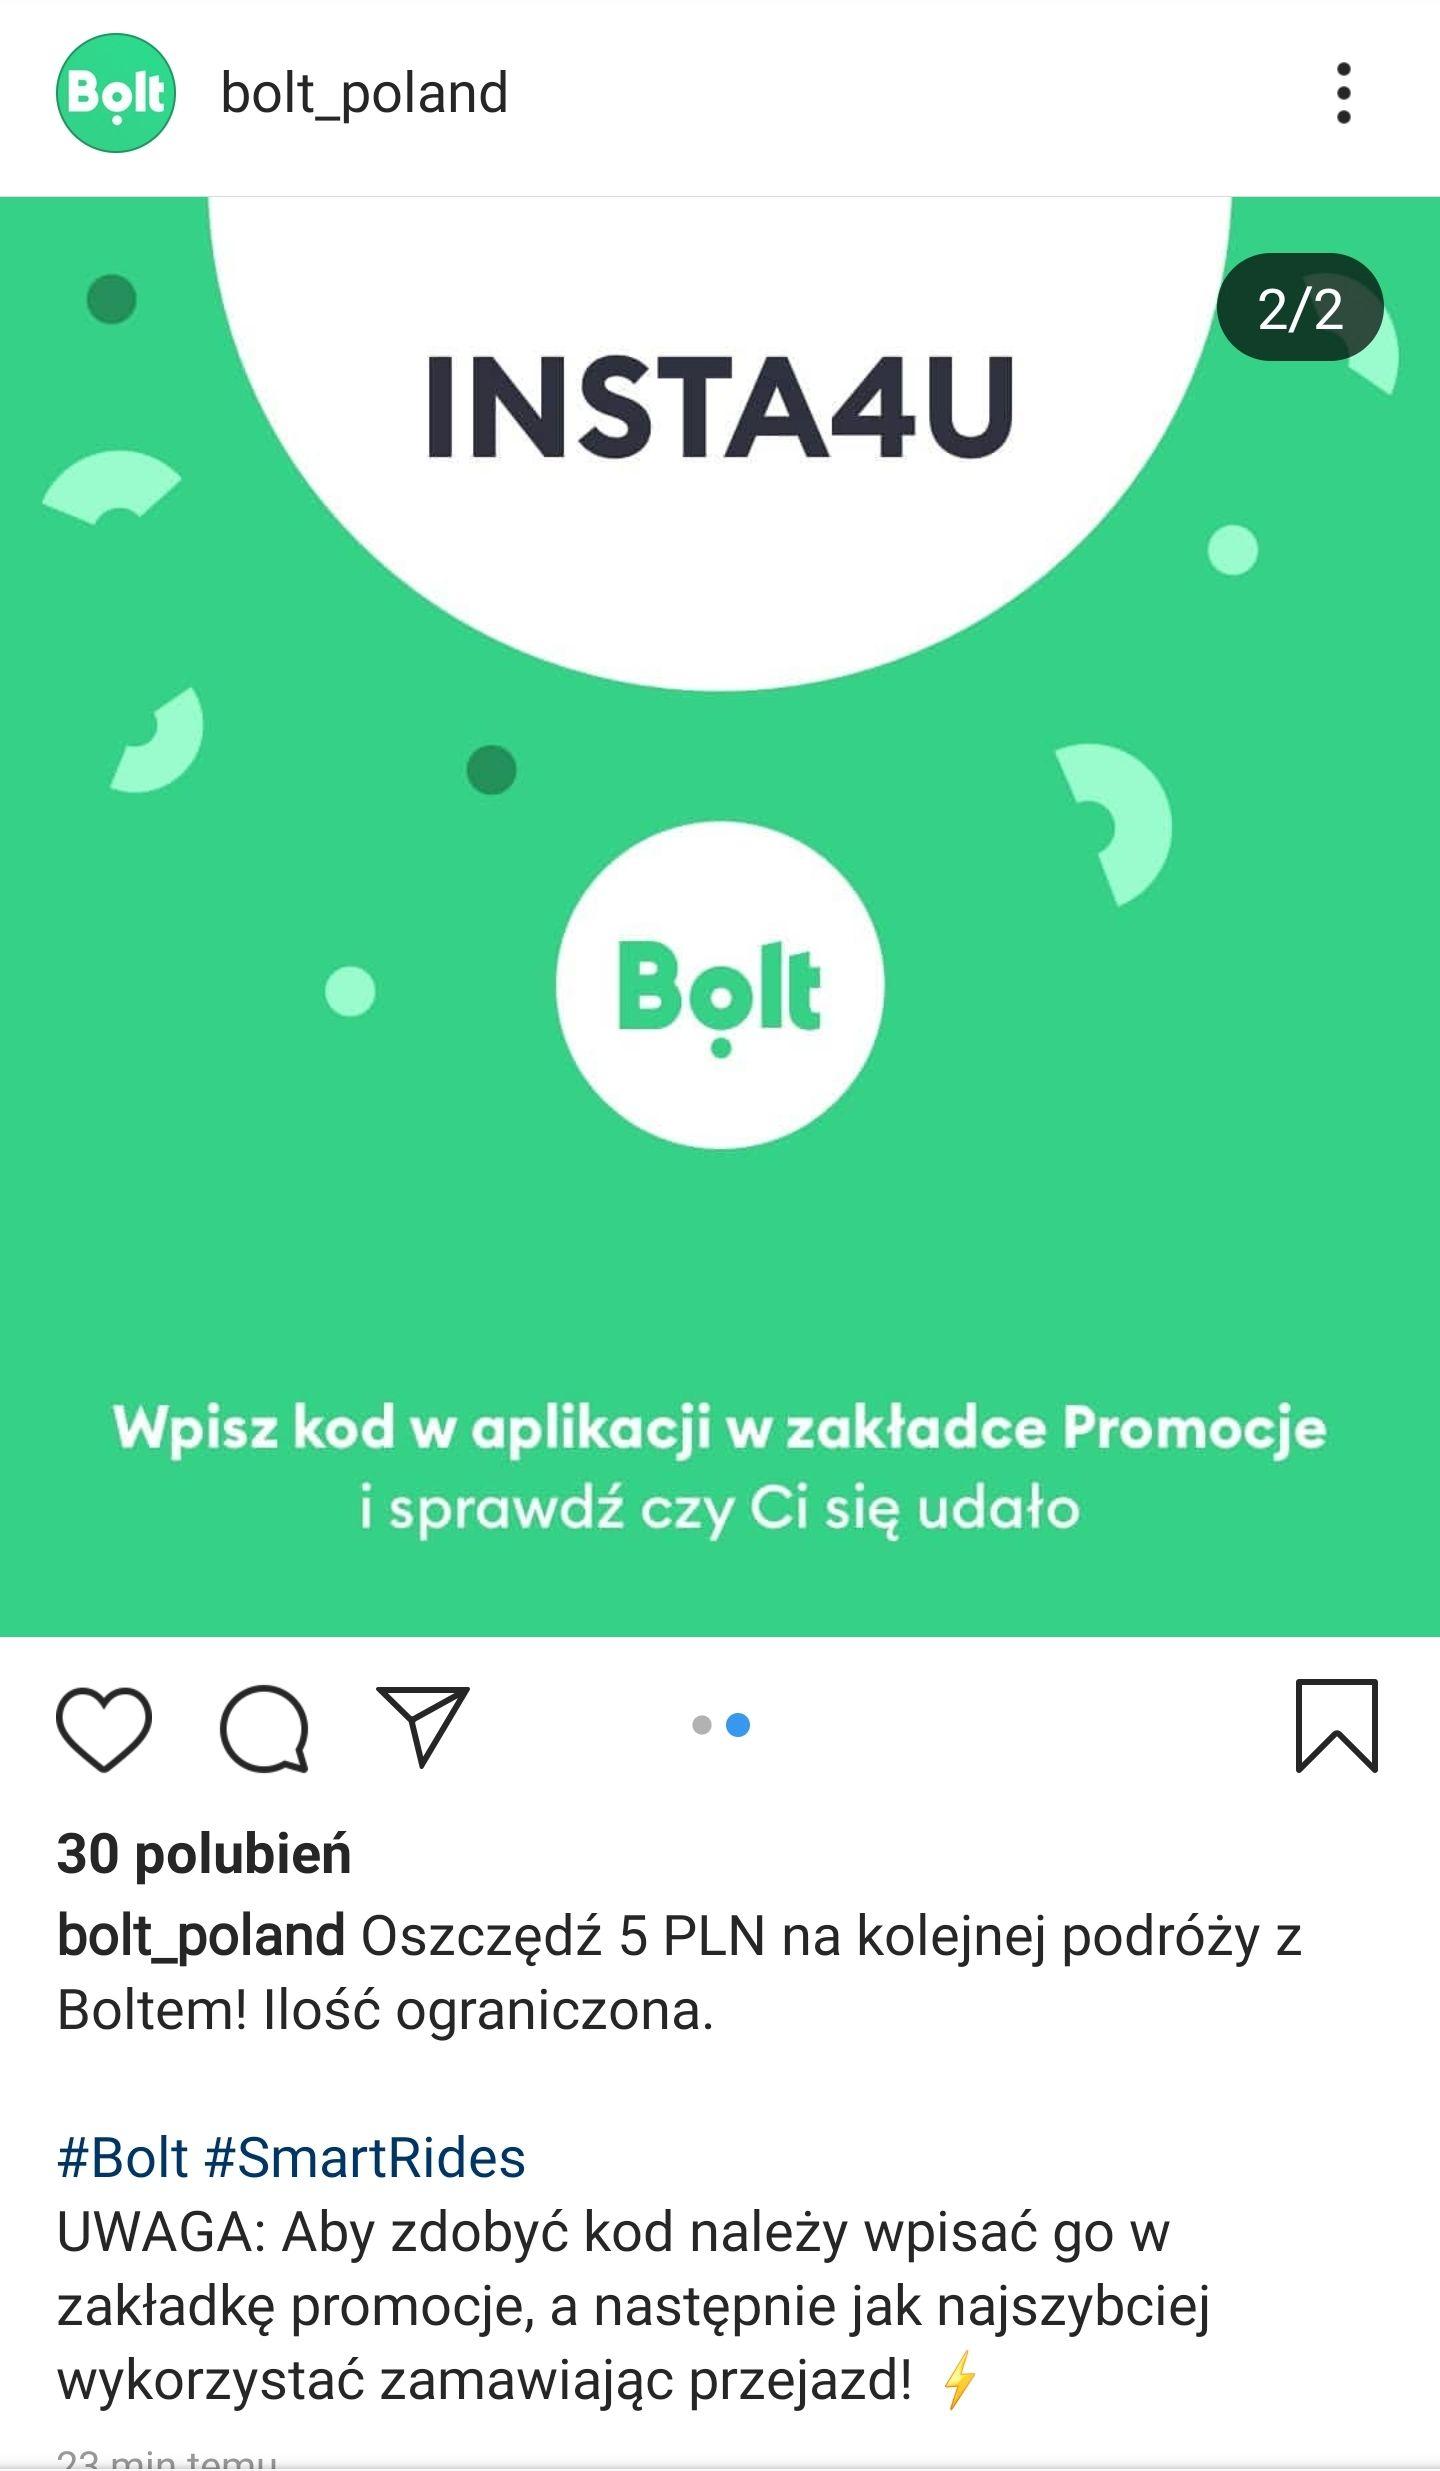 Zniżka 5 zł na następny przejazd Bolt ( Taxify )